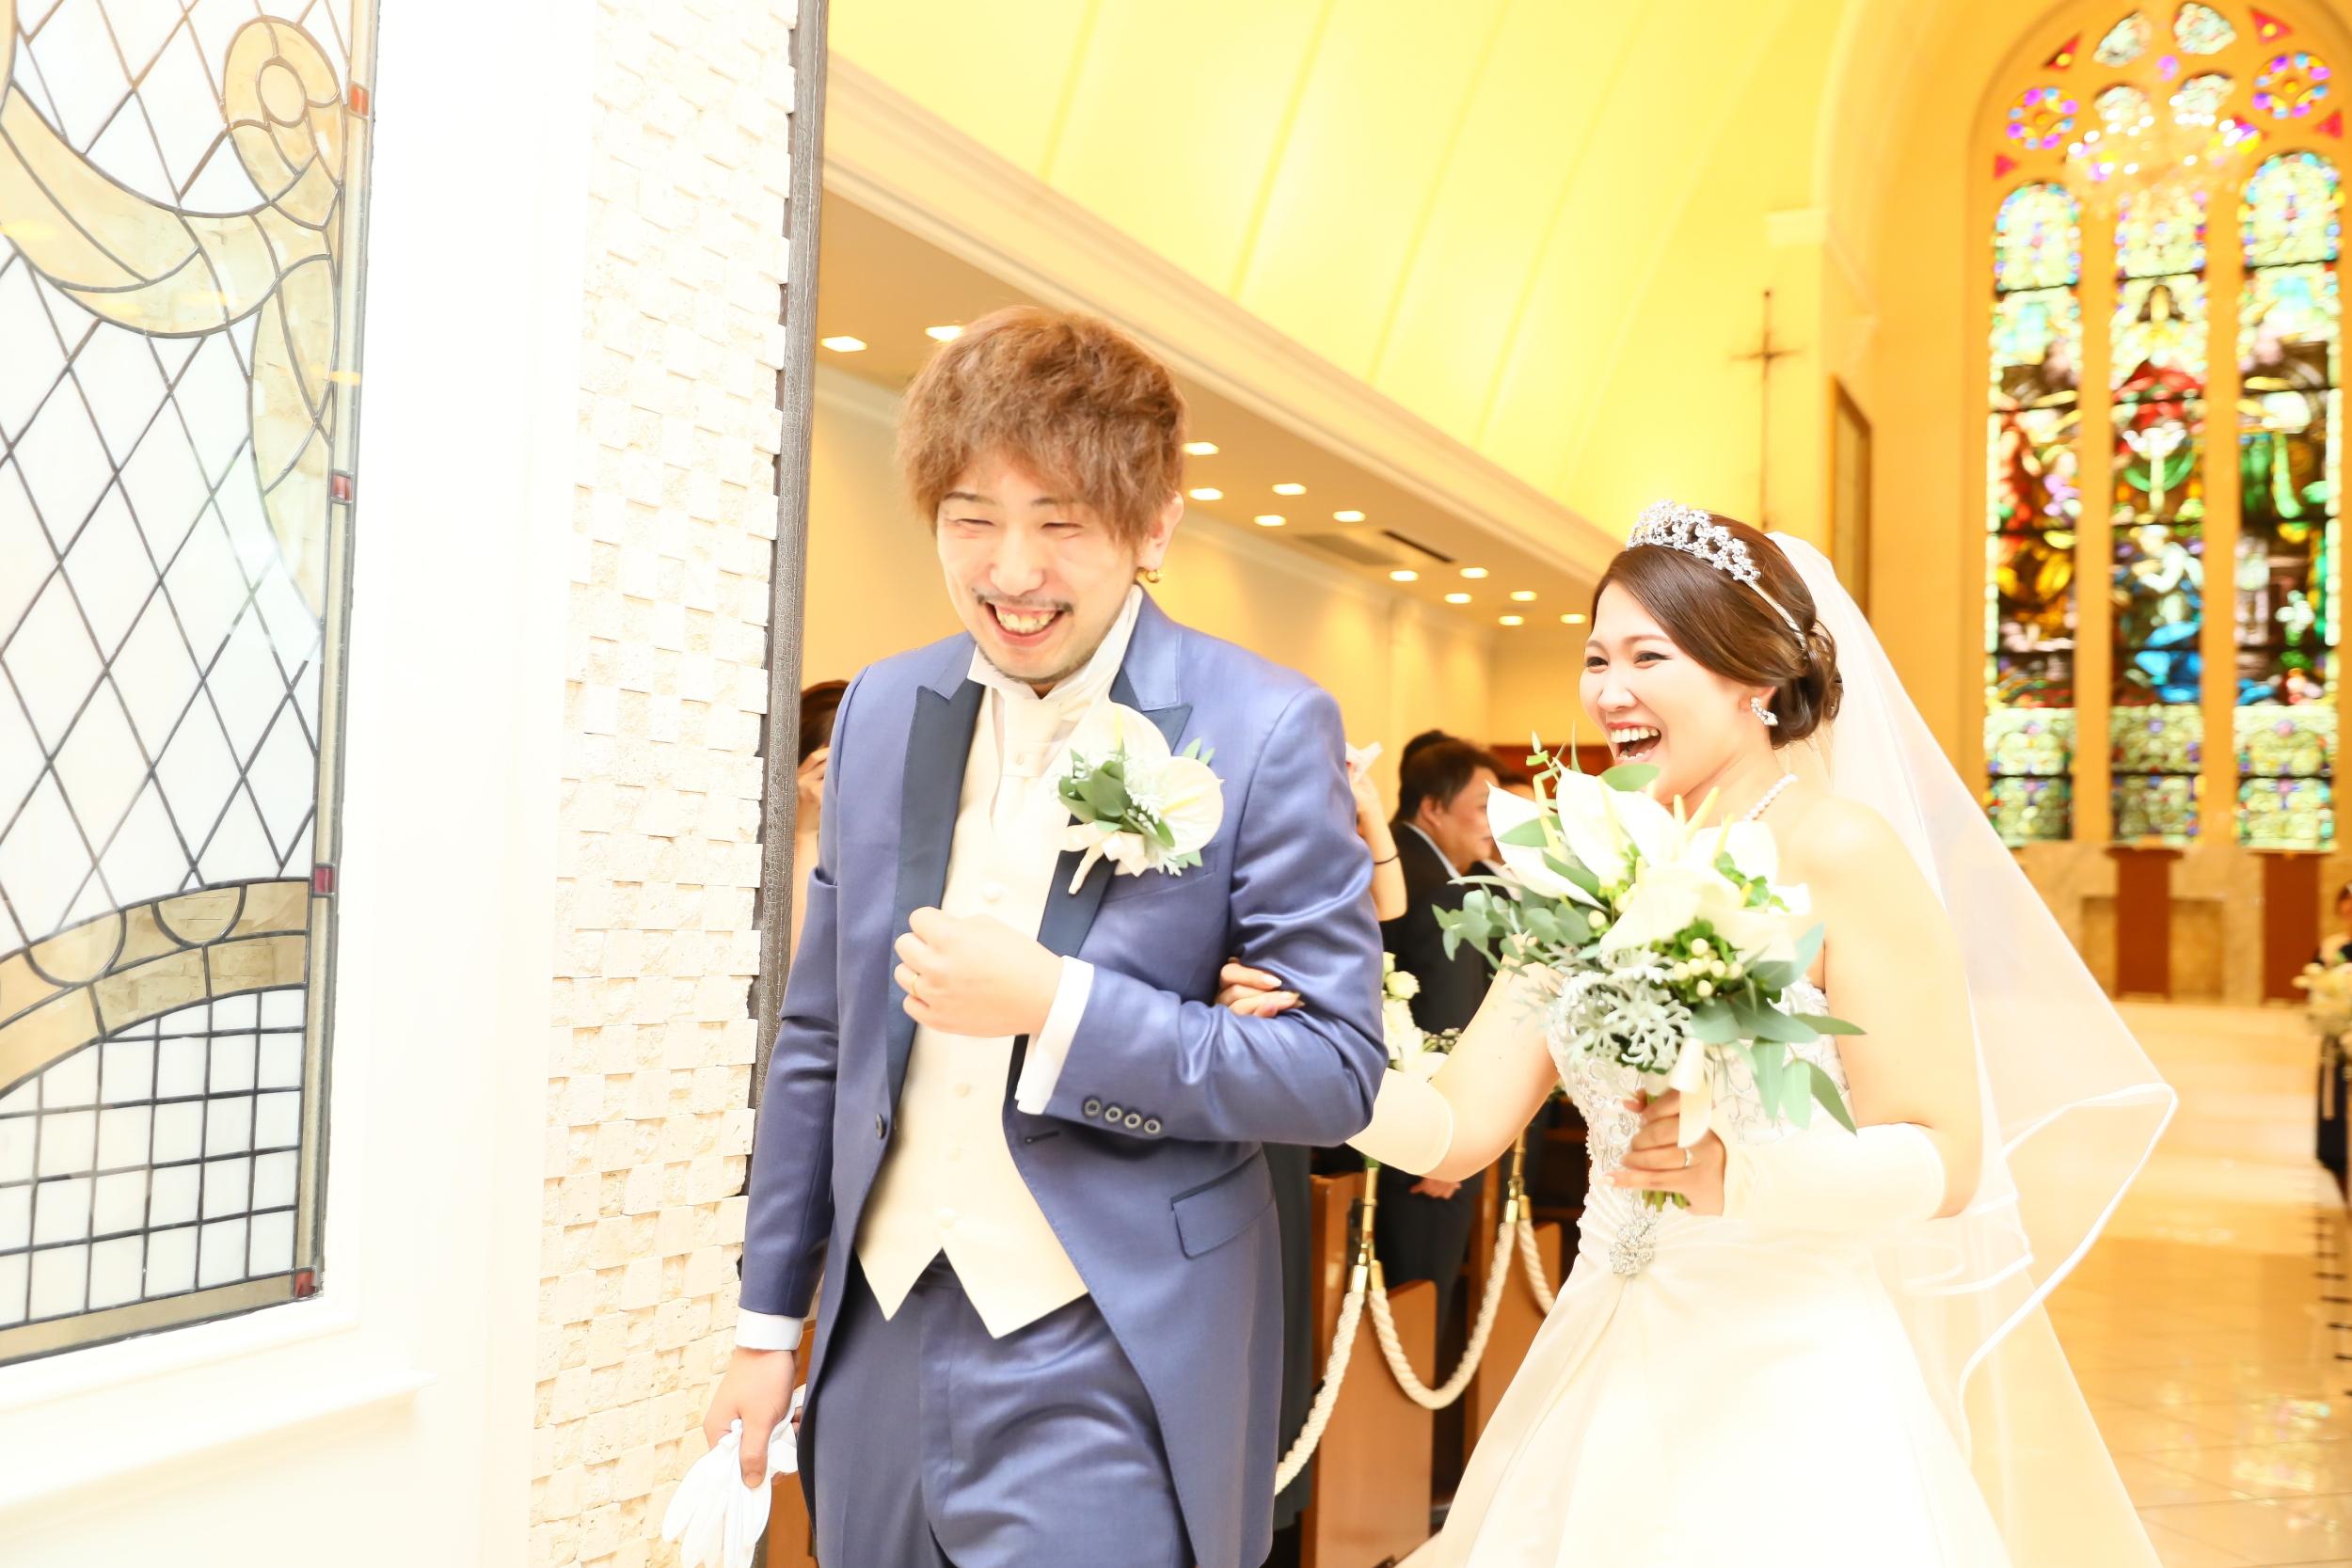 こんなにも笑顔で幸せそうなお二人♪マリエールの挙式では感動と幸せをい一緒に感じて頂くことができます♪